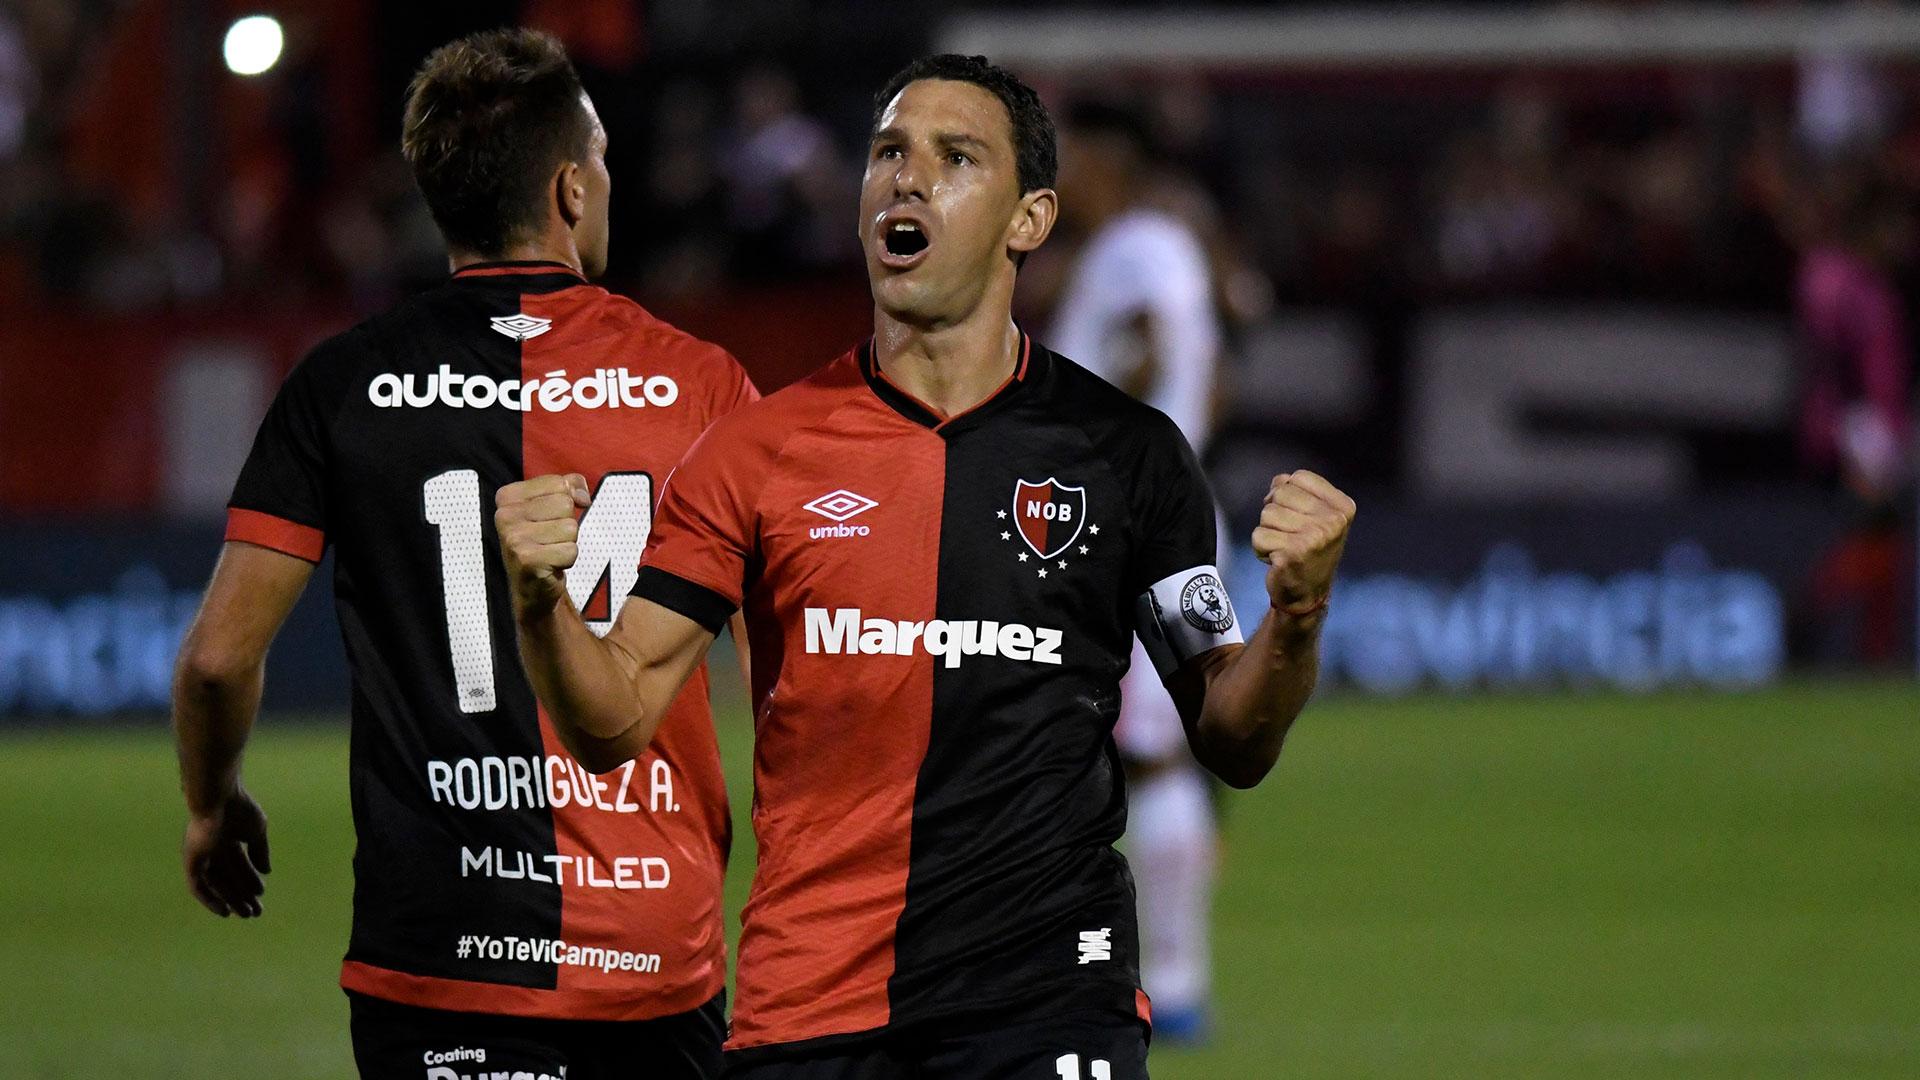 Newell´s se impuso por la mínima diferencia en el primer duelo disputado en La Plata (Foto Baires)